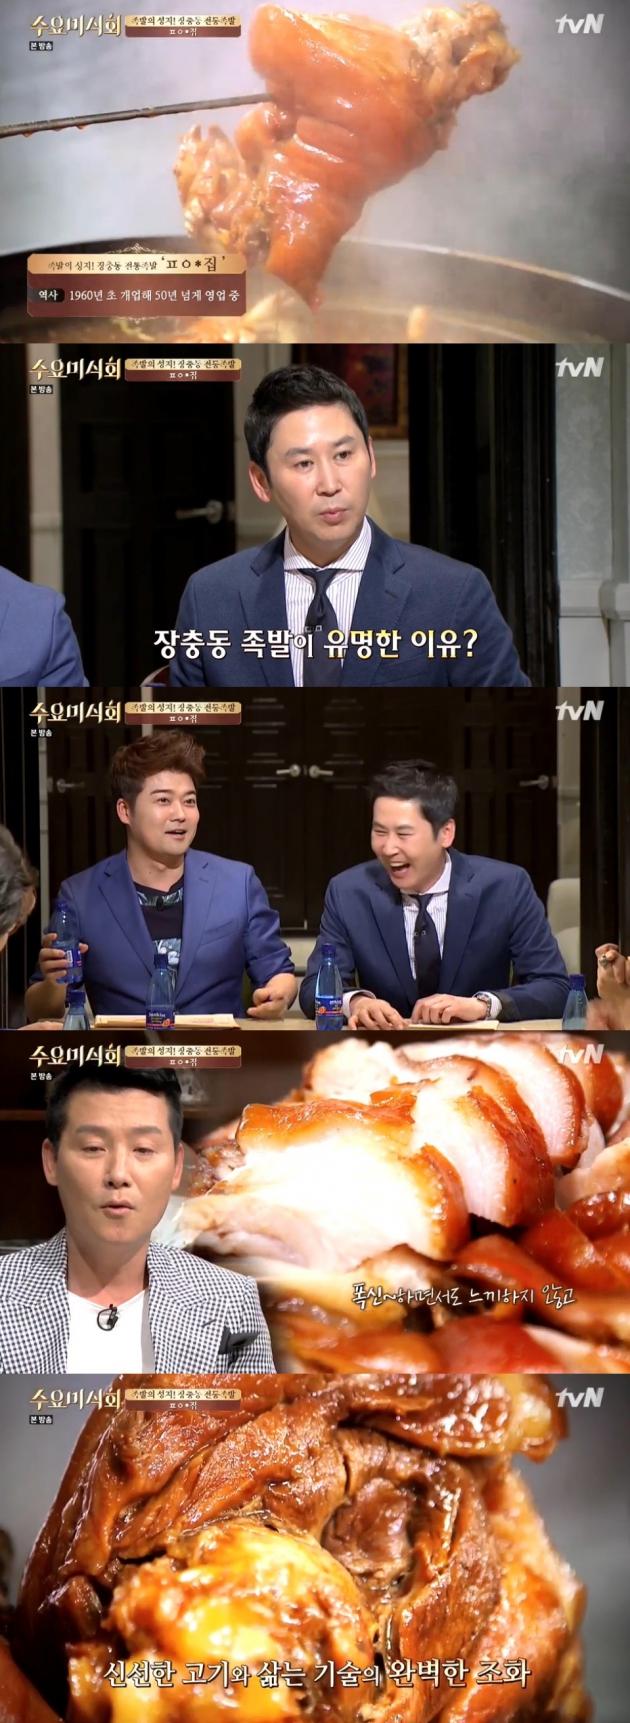 수요미식회 장충동 족발 / 수요미식회 장충동 족발 사진=tvN 방송 캡처